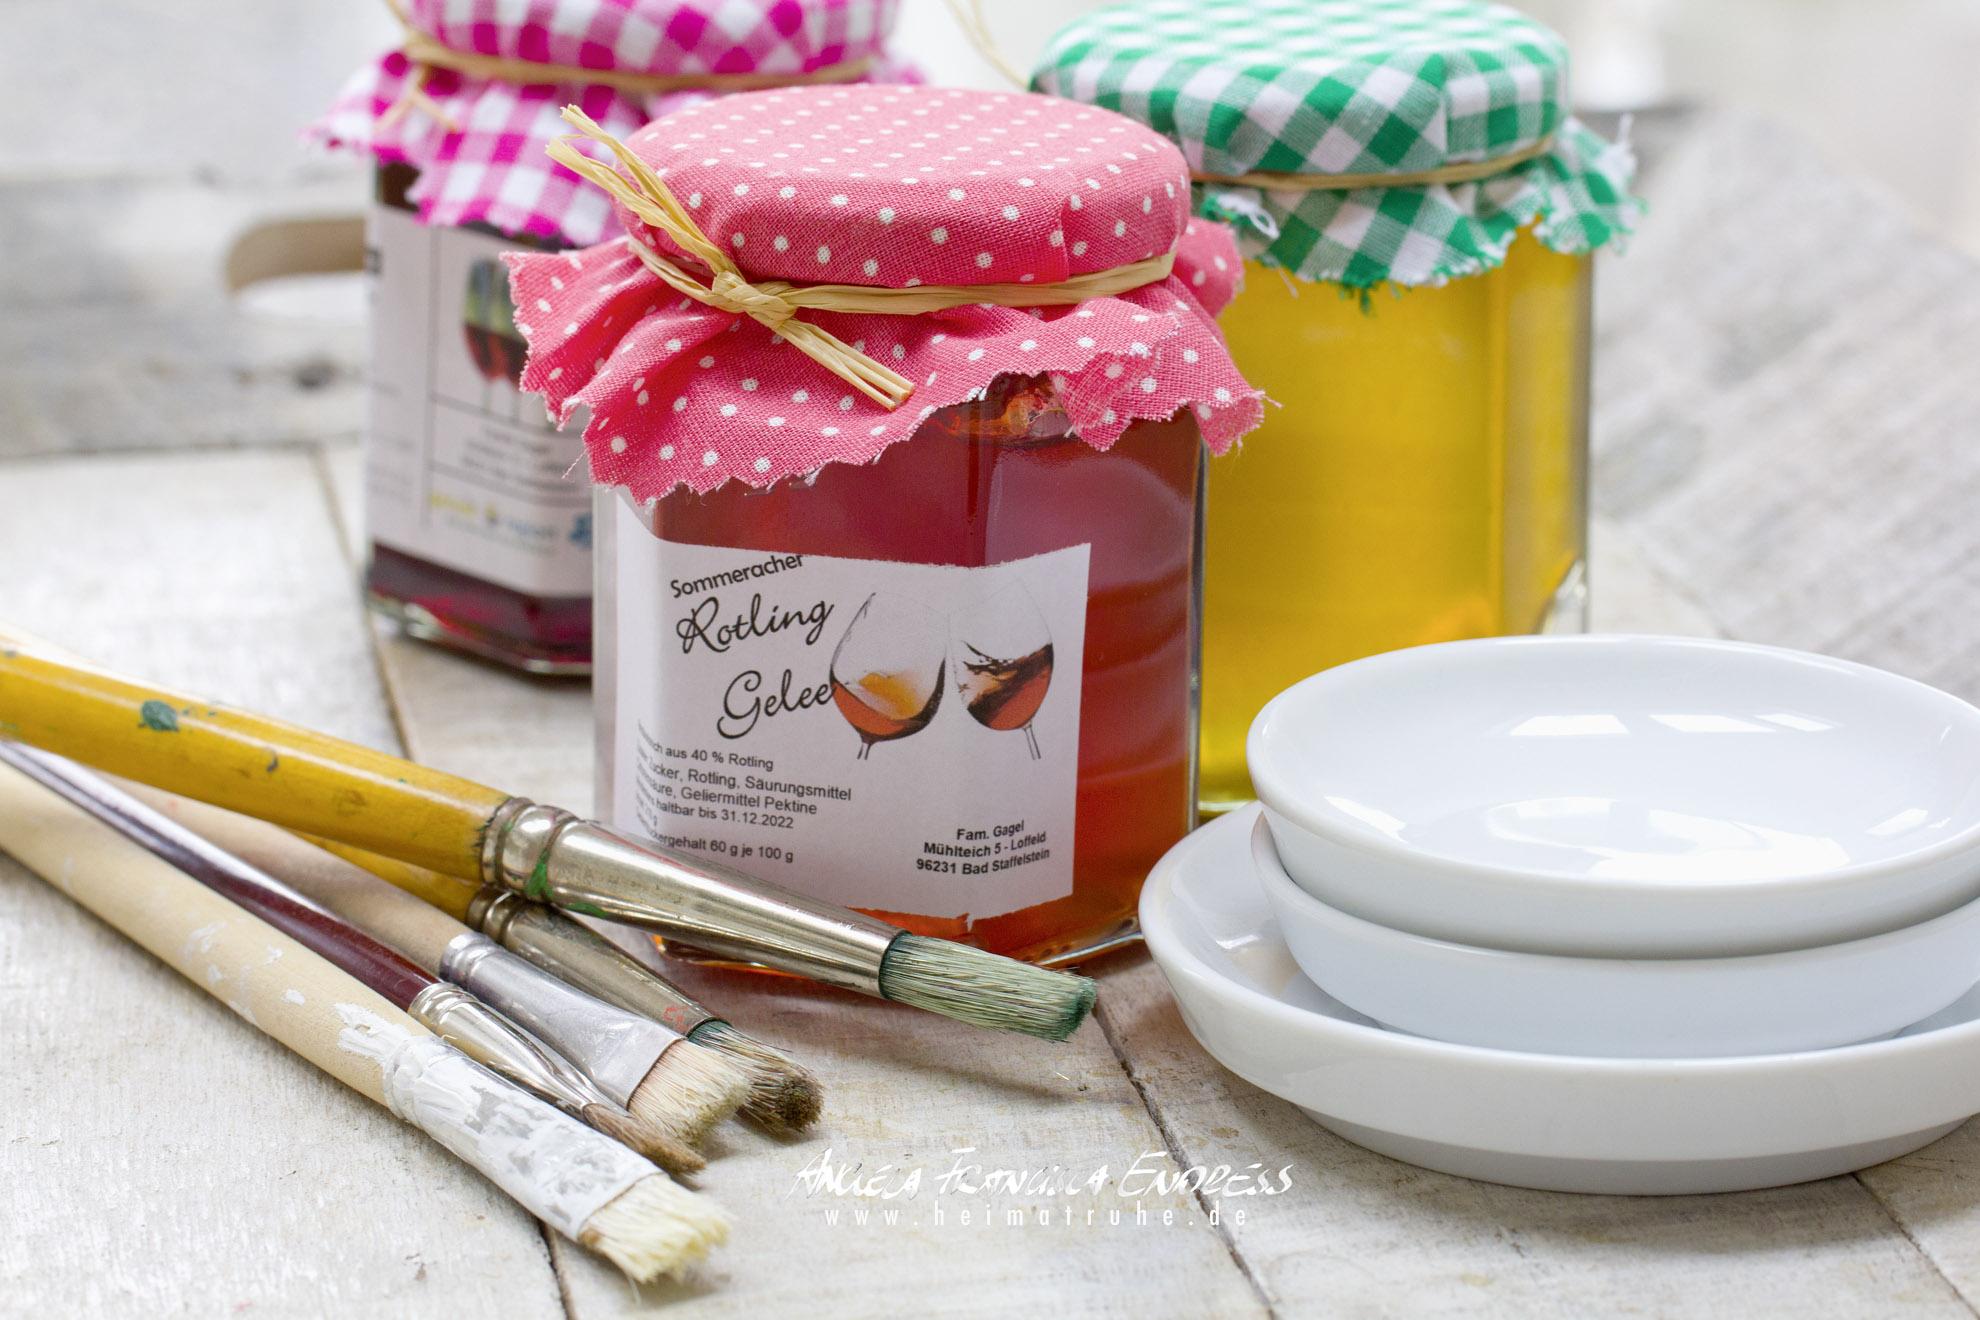 3 Marmeladen Gläser mit Wein Gelée und Pinseln